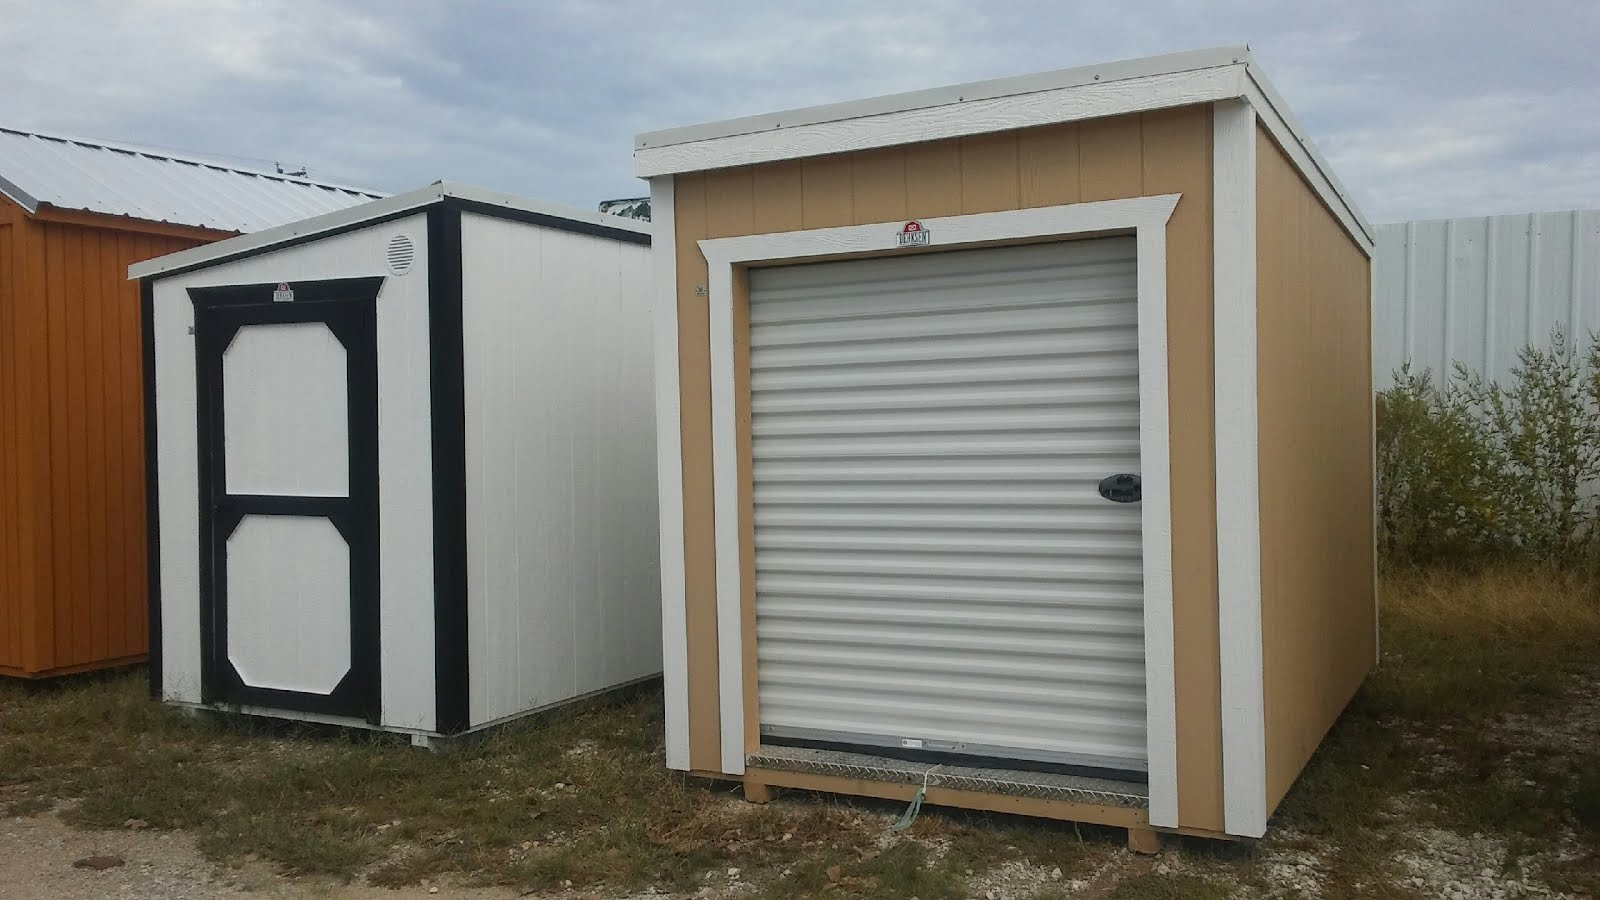 Small Metal Carports For Atv : Buildings etc sherman whitesboro sheds carports more